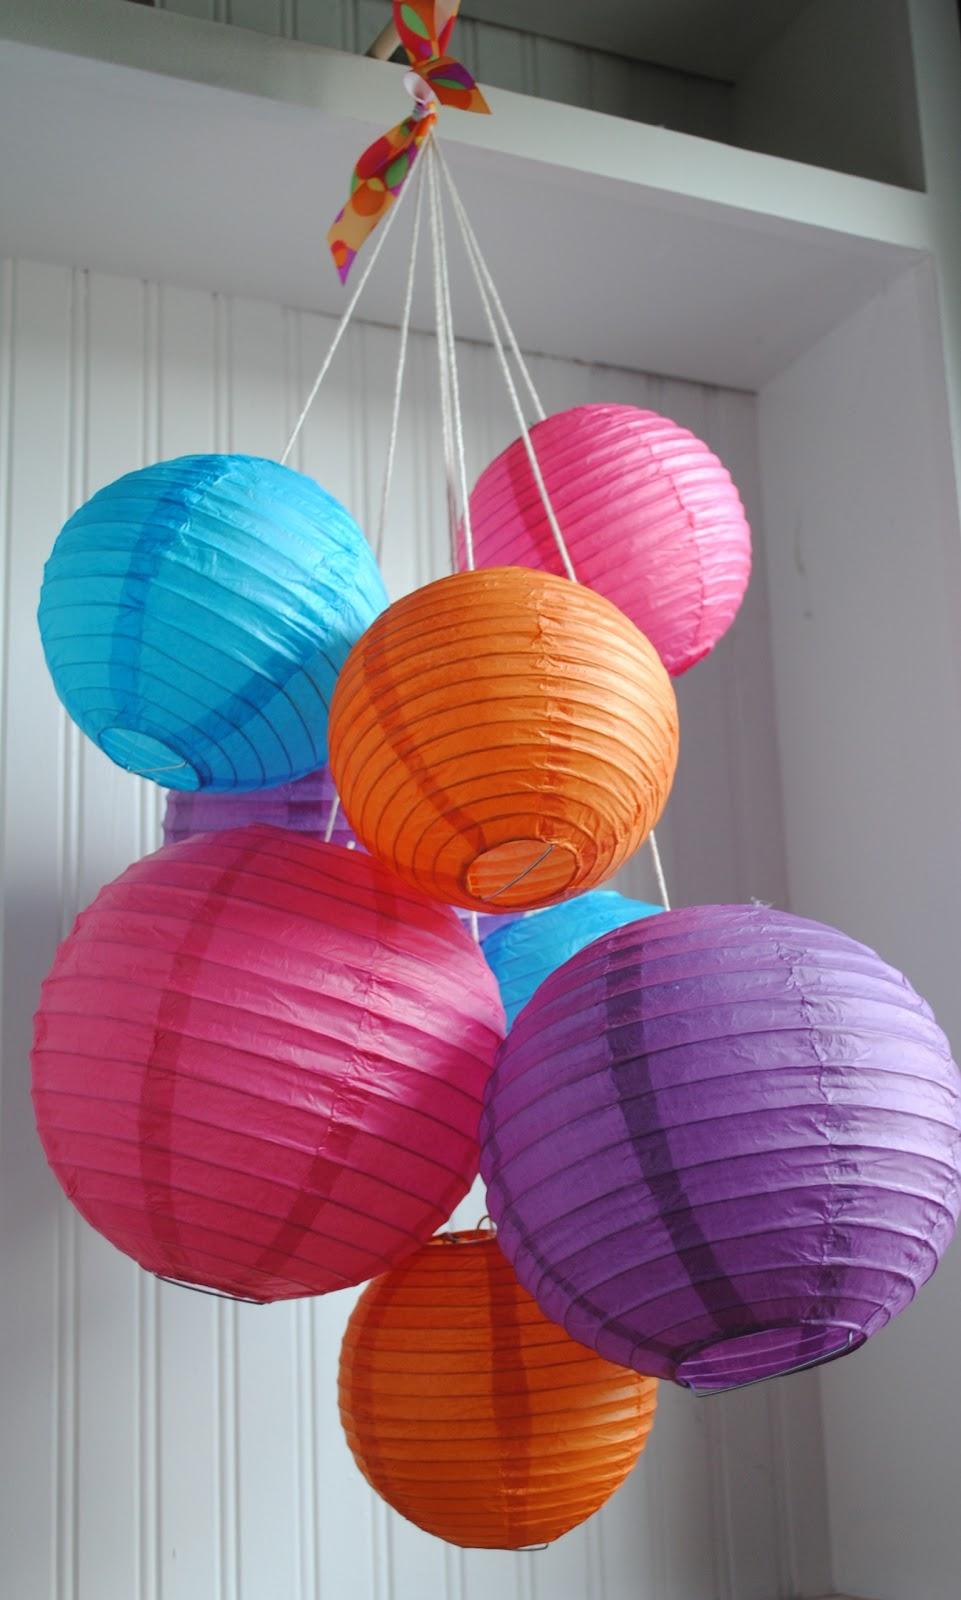 Бумажный китайский фонарик - Подвесные китайские фонарики бумажные